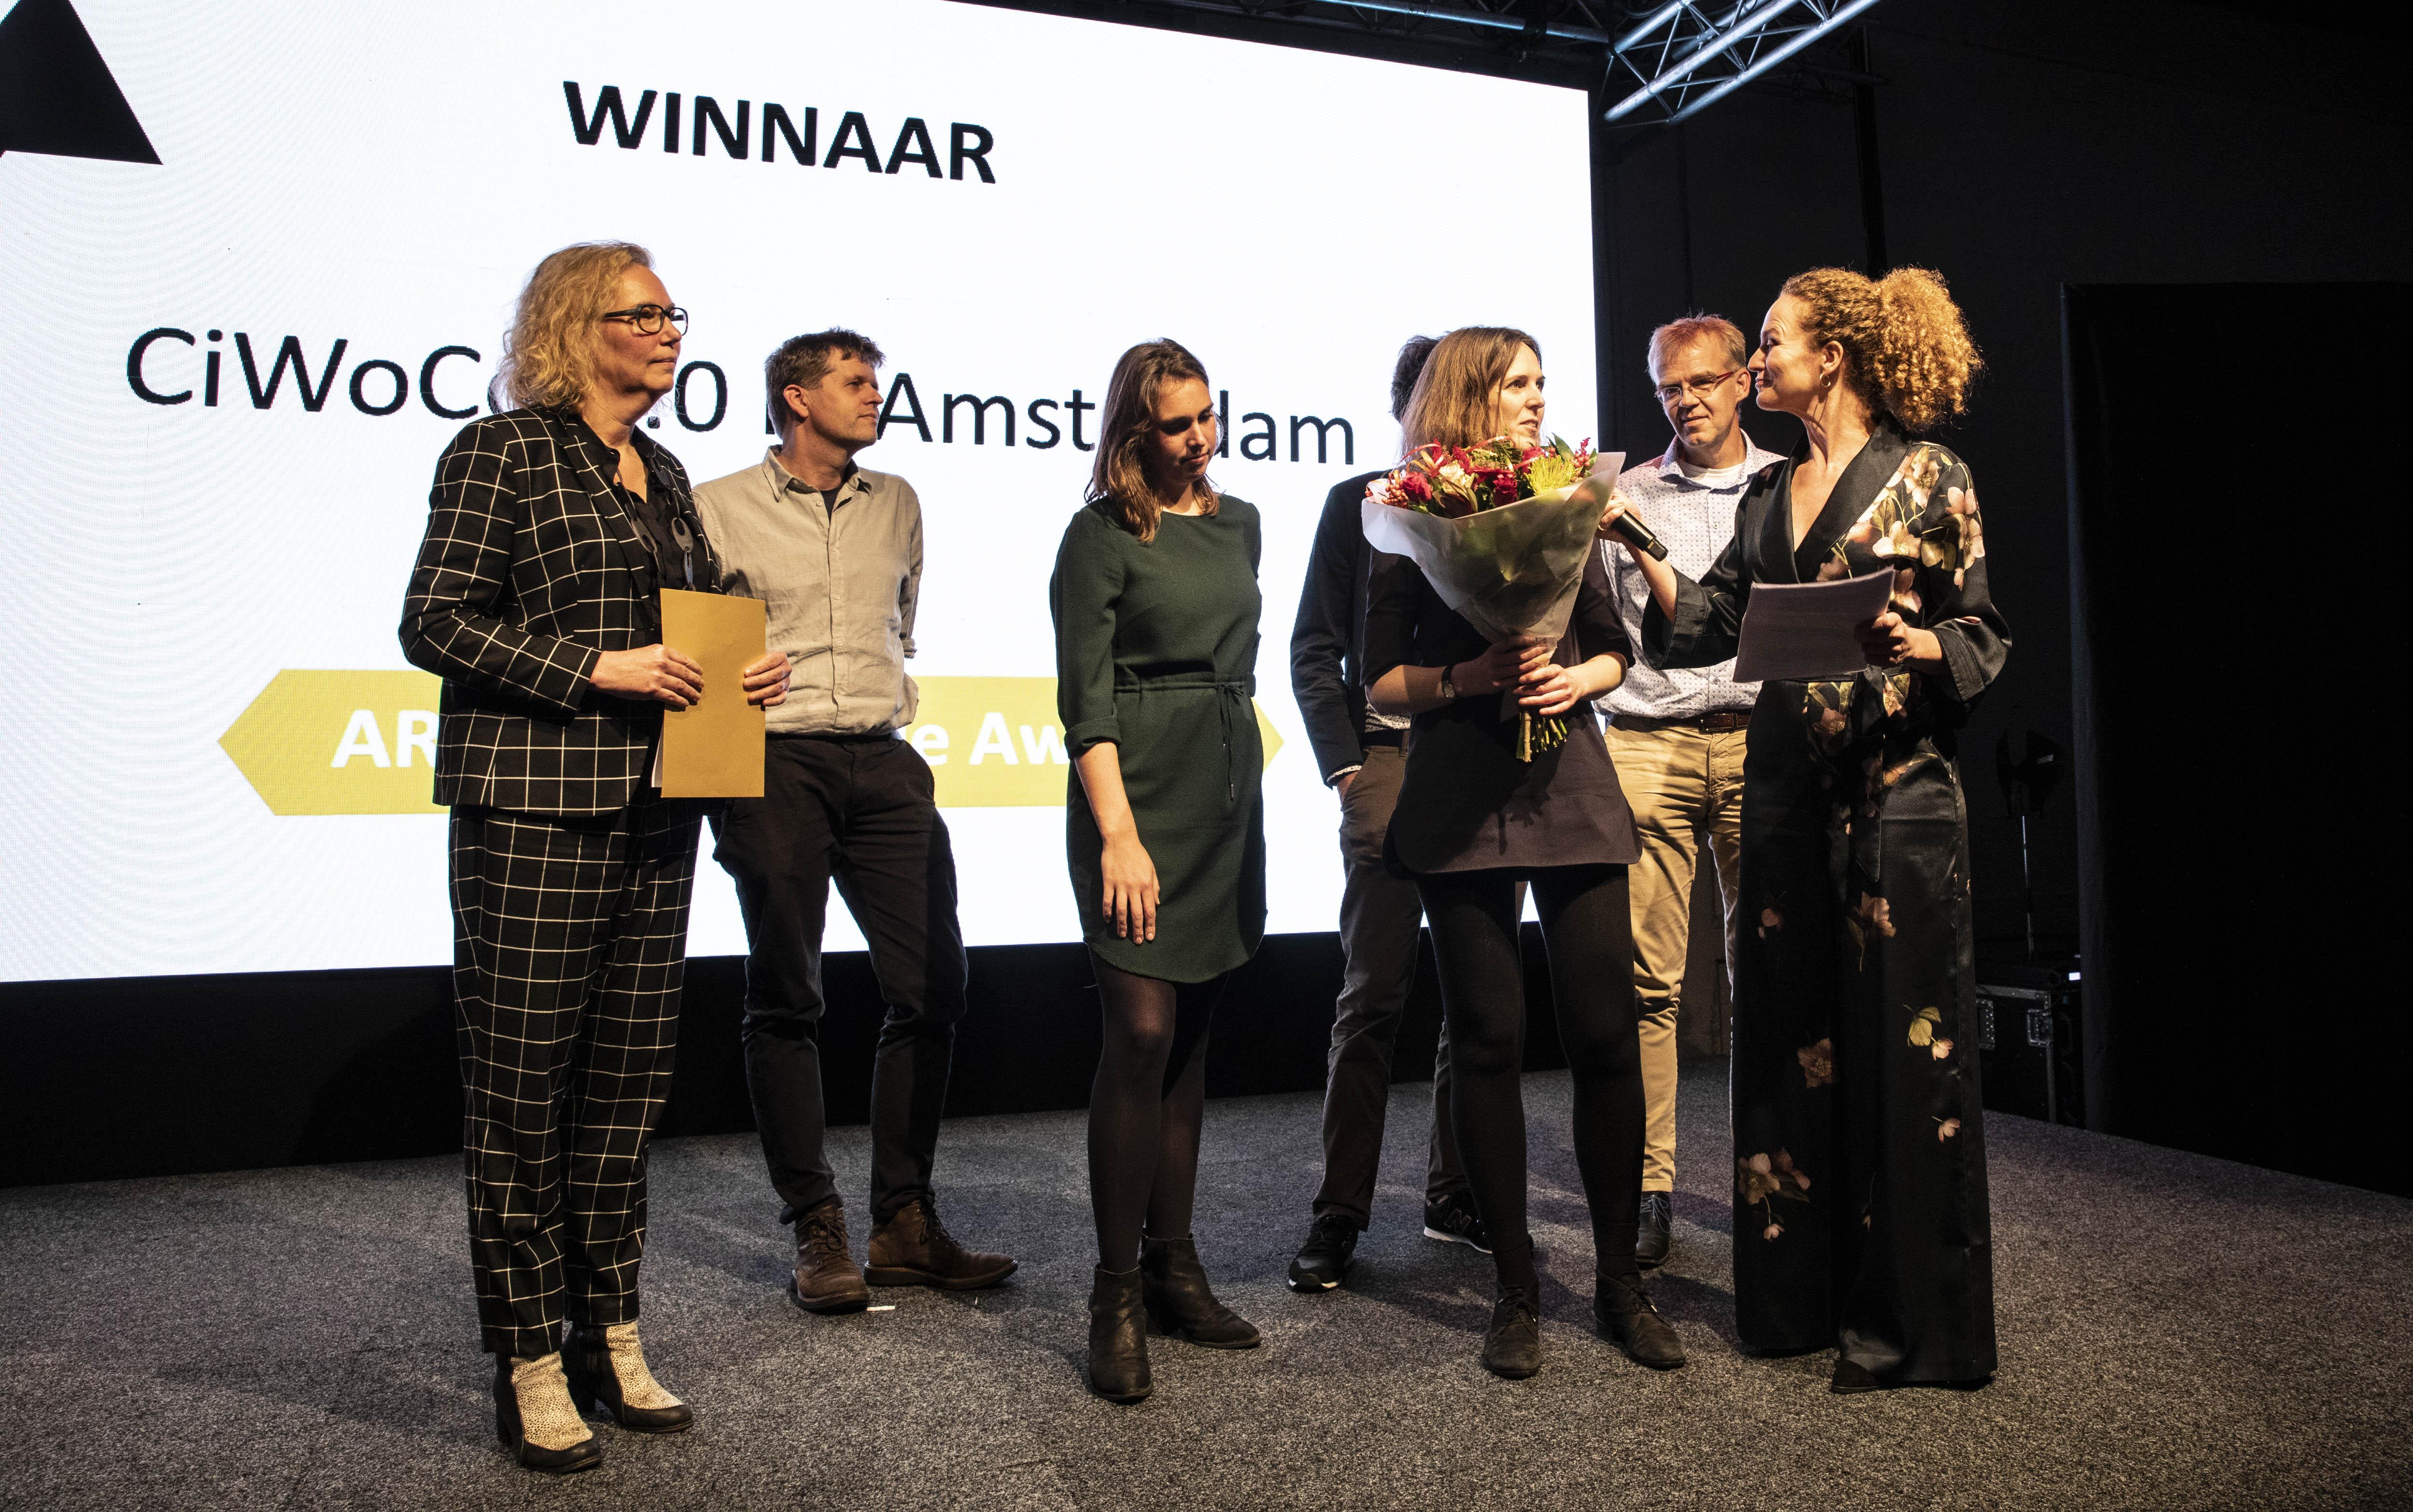 <p>Het team van GAAGA ontvangt uit handen van Irma van Oort (jury ARC19 Innovatie Award) de ARC19 Innovatie Award voor het project CiWoCo 1.0. Beeld J.W. Kaldenbach</p>